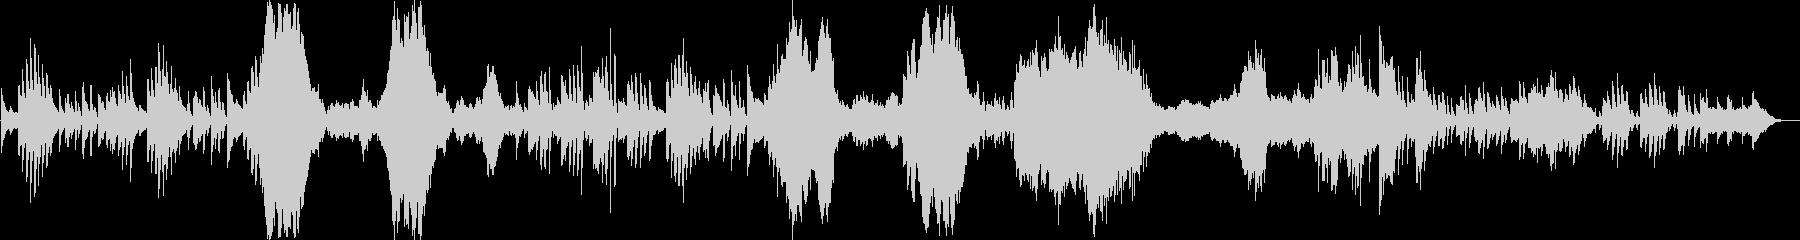 ピアノ協奏曲第20番第2楽章の未再生の波形